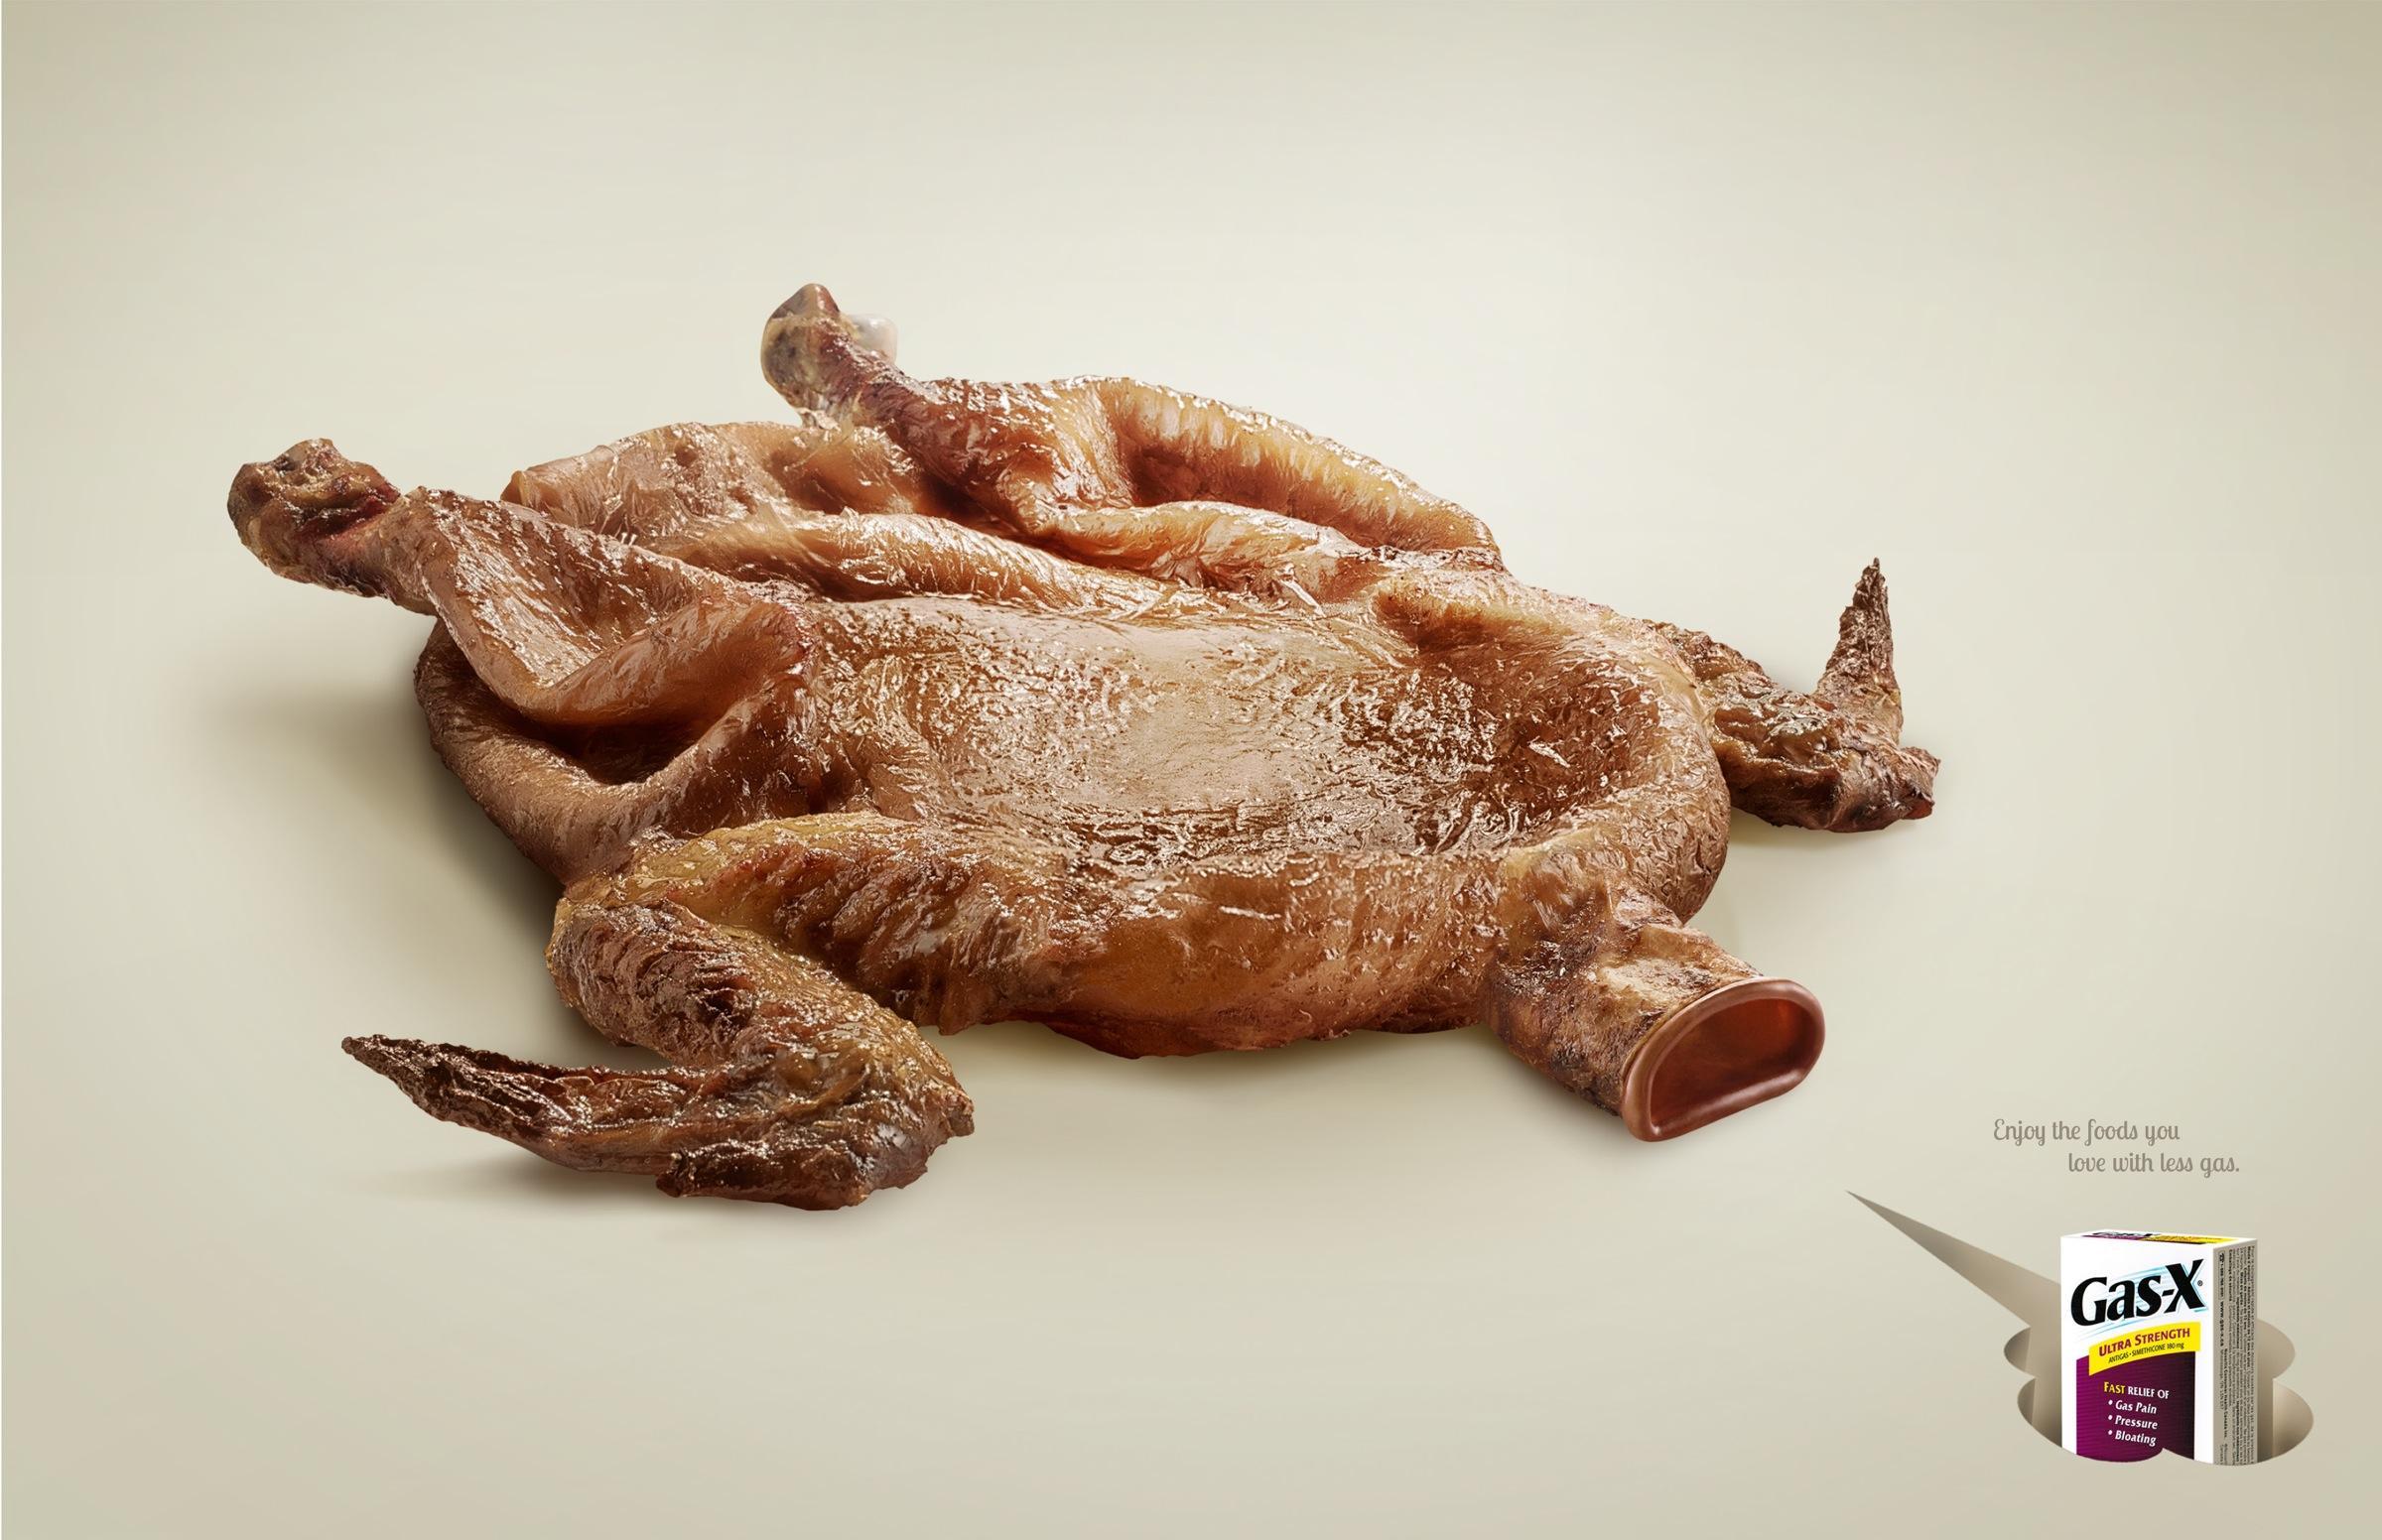 Gas-X Print Ad -  Chicken